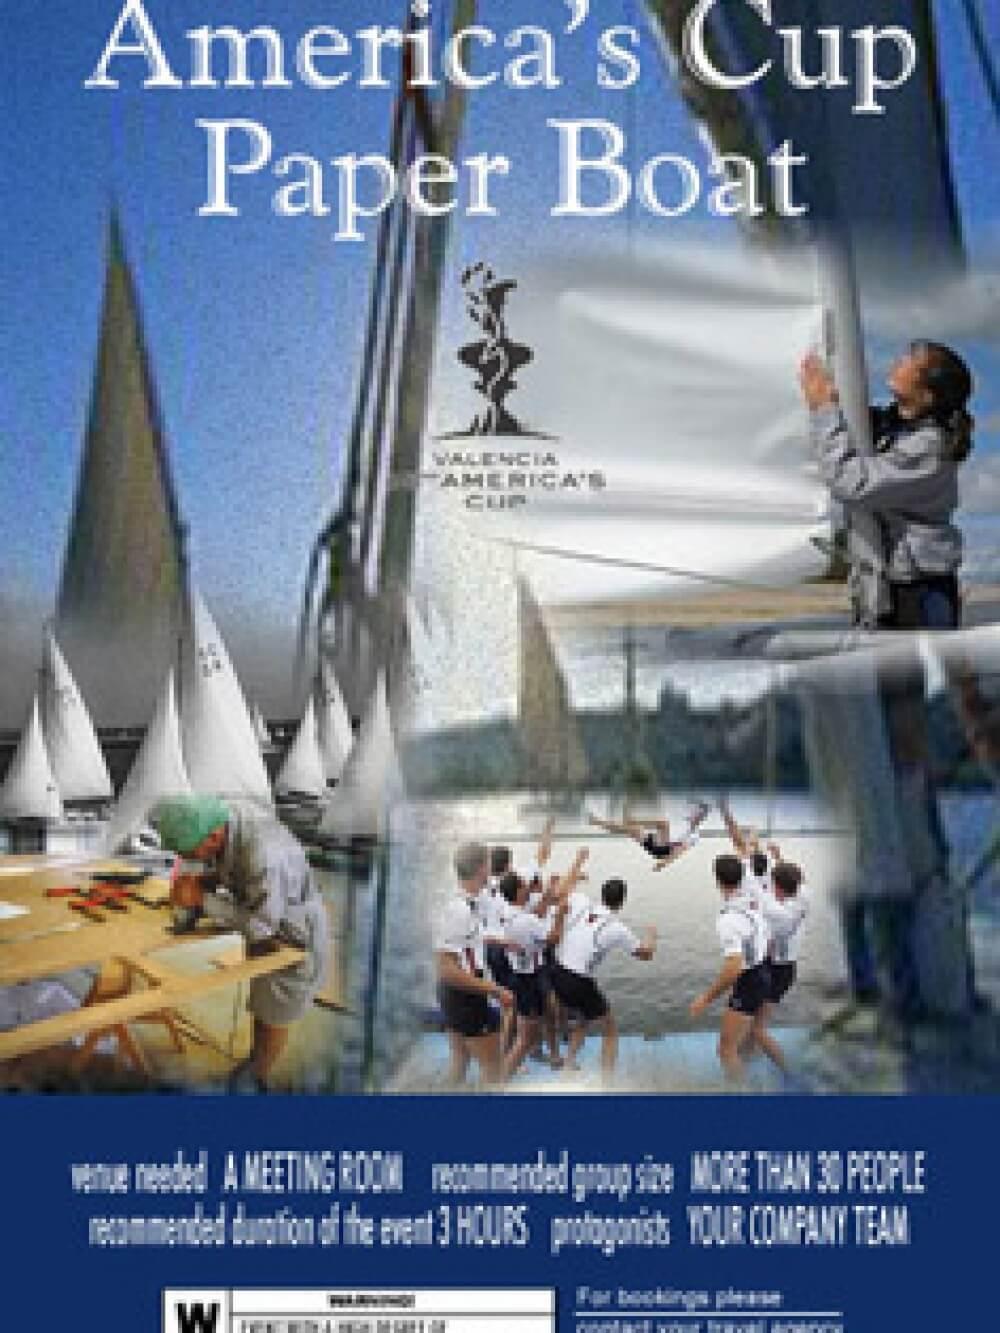 america's_cup_paper_boat_vertical_web